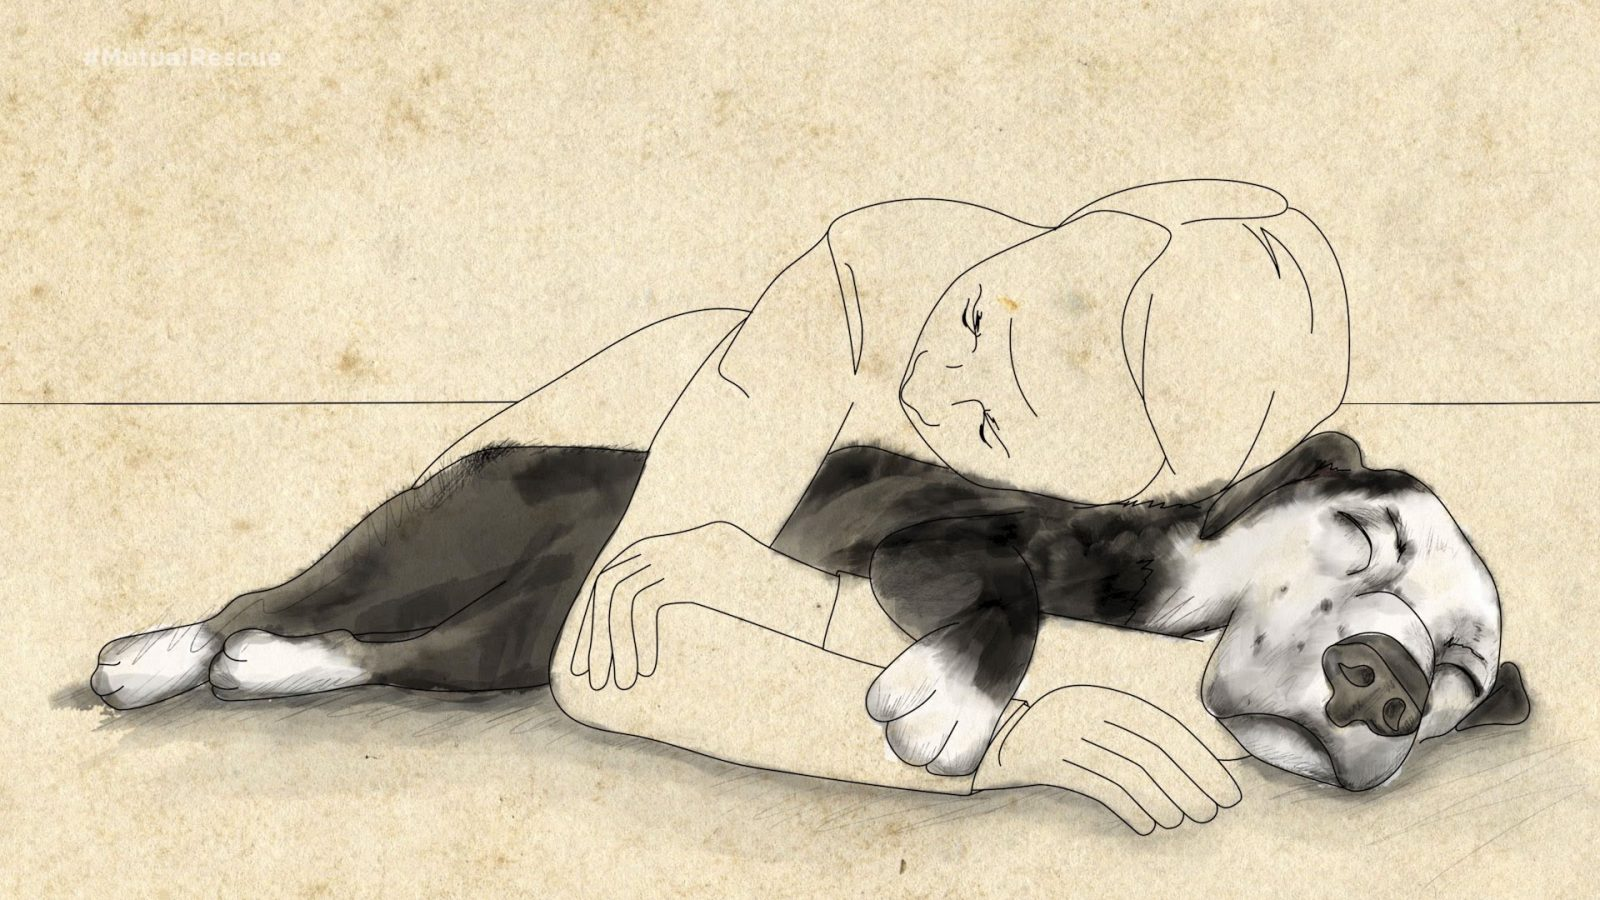 История о том, как пес спас жизнь своему хозяину